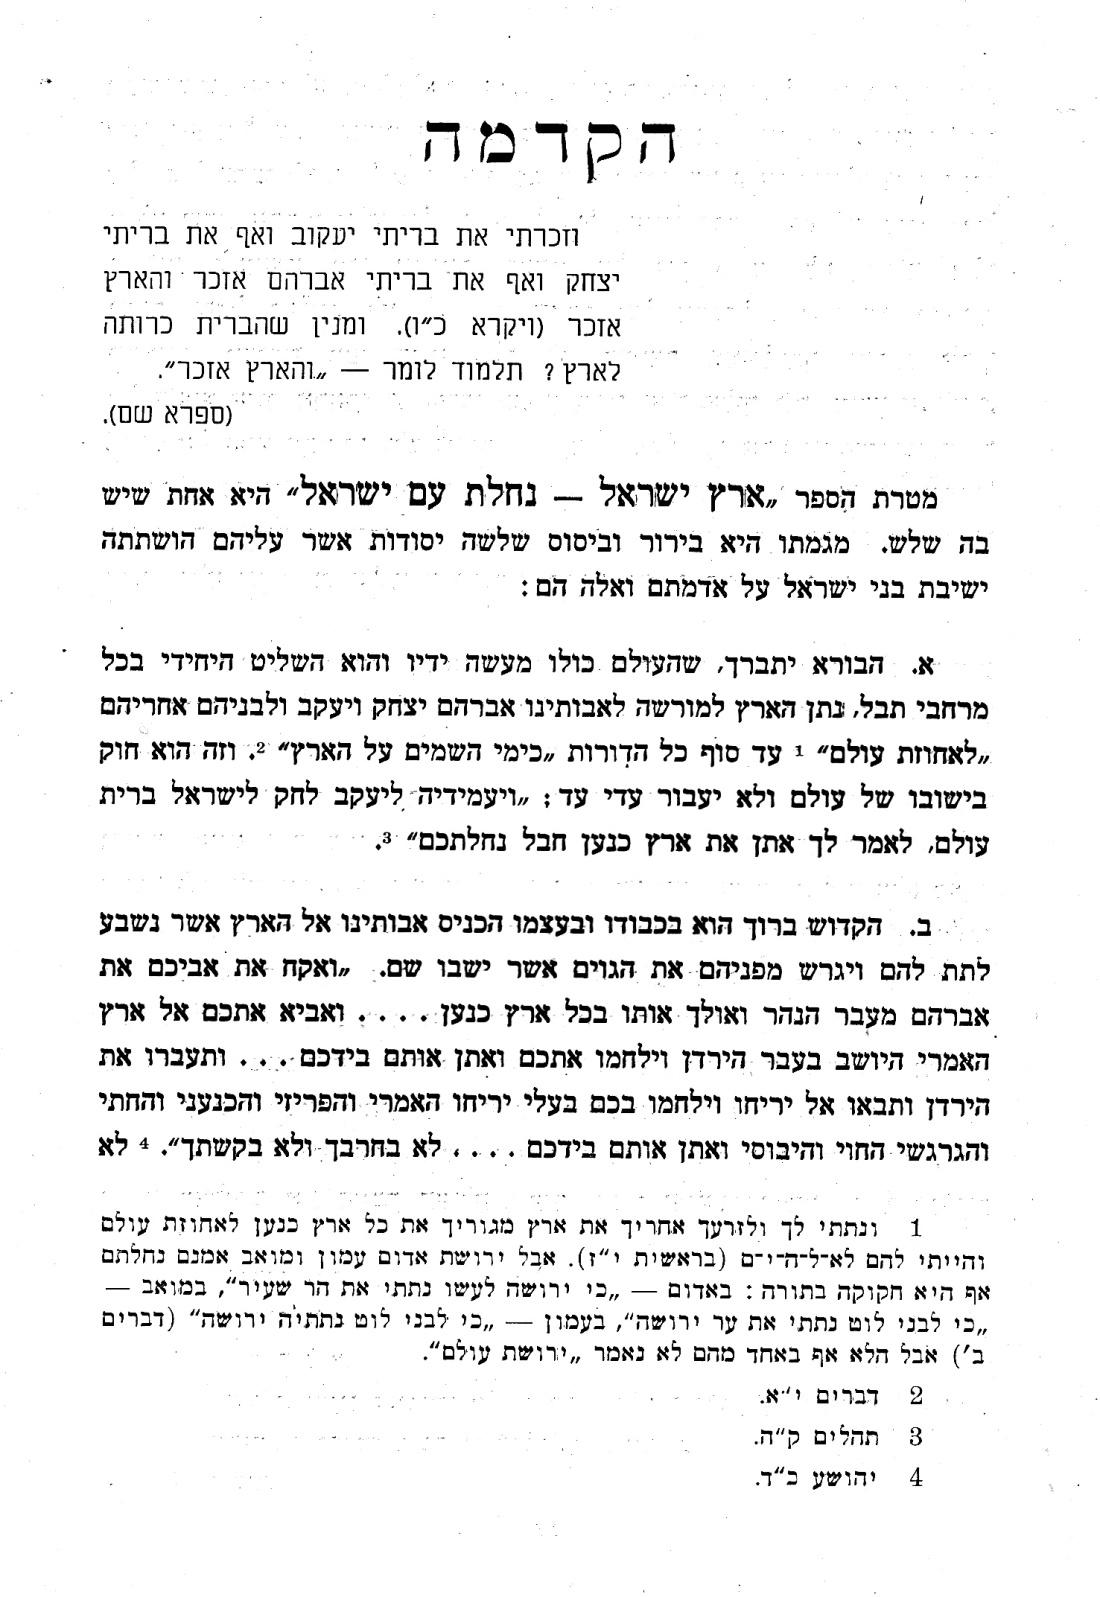 6y Abramsky Eretz_0002